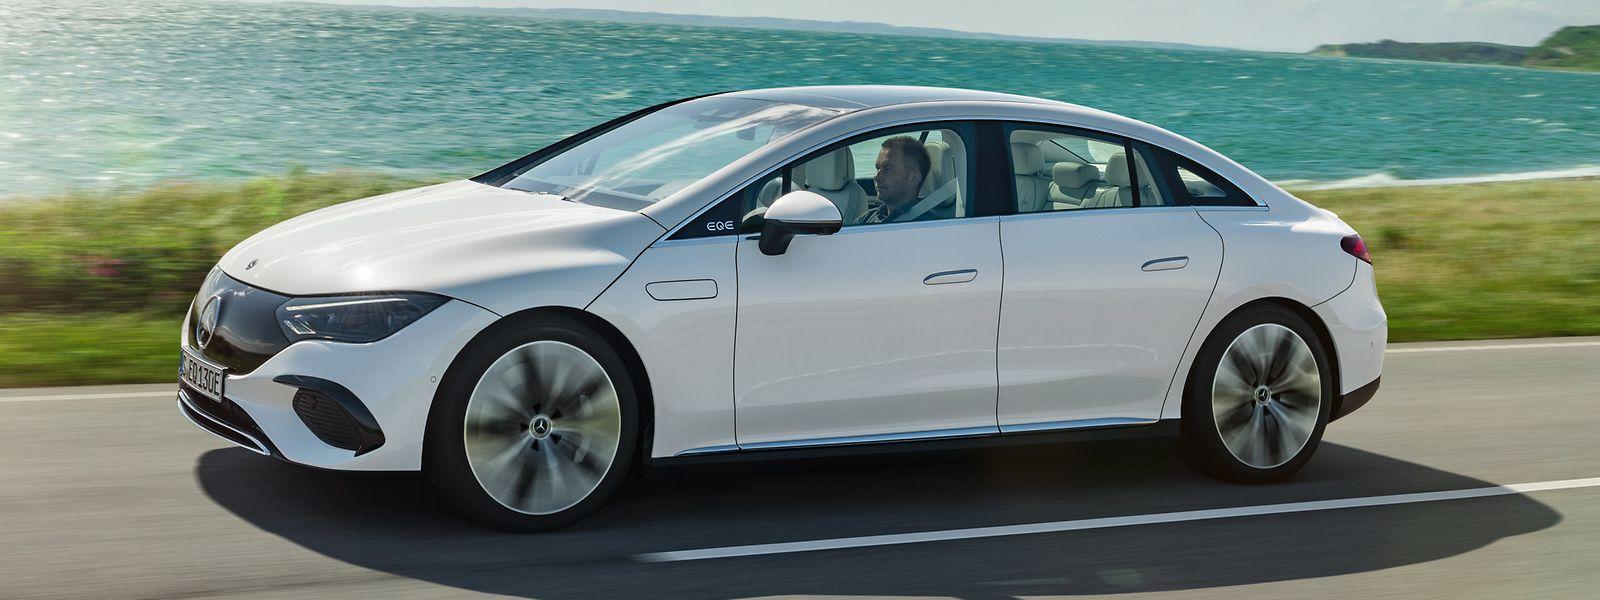 Neues Elektroauto von Mercedes: Der EQE bietet sich als Alternative zur konventionellen E-Klasse an.